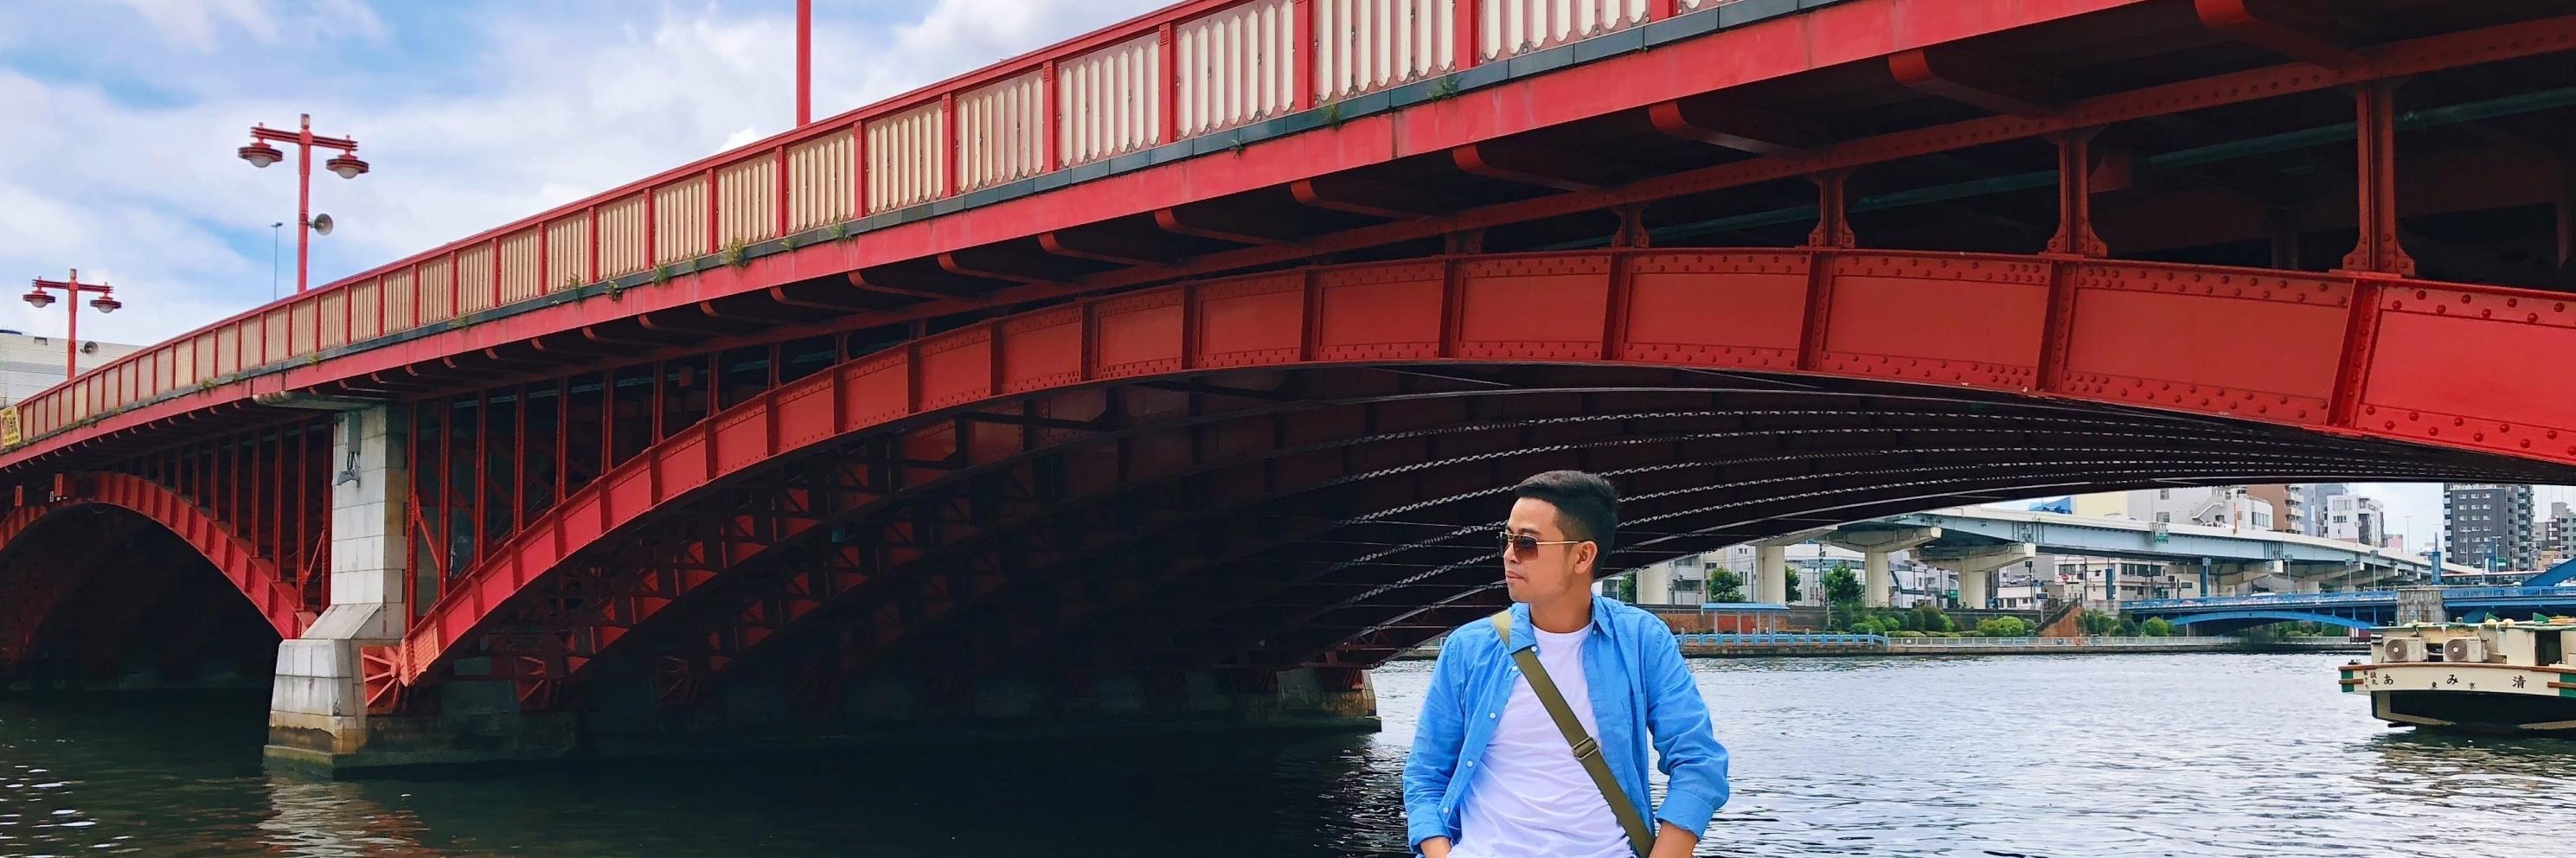 https://gody.vn/blog/tuananhhunre9193/post/chia-se-kinh-nghiem-xin-visa-han-quoc-5-nam-5613